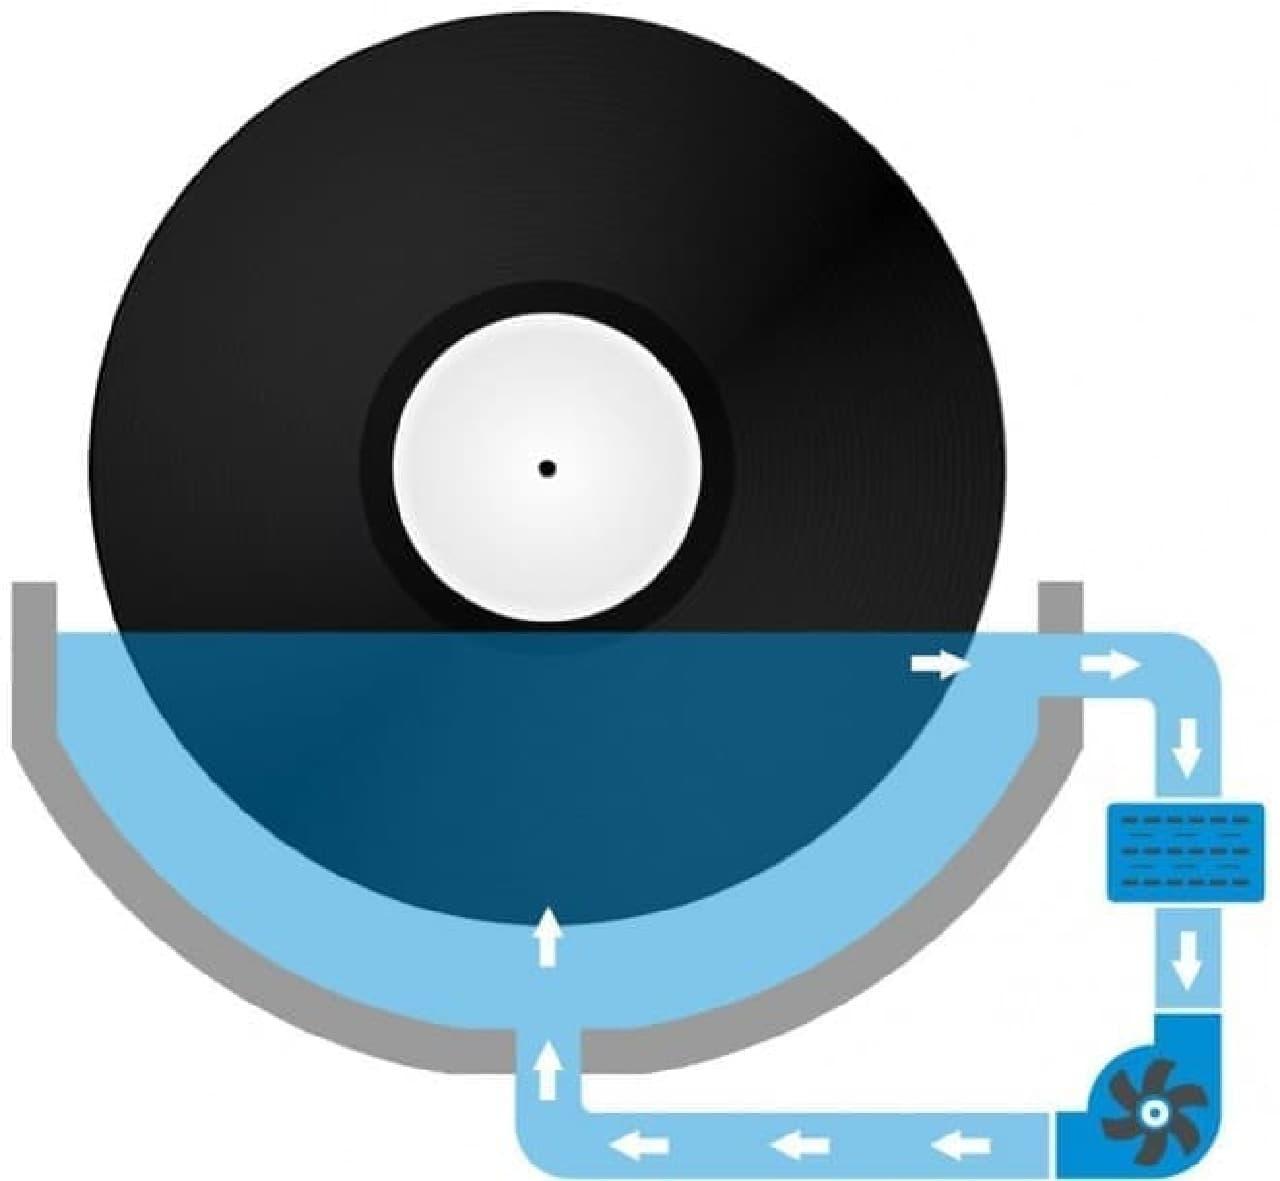 LPレコード専用の超音波洗浄器「Degritter」